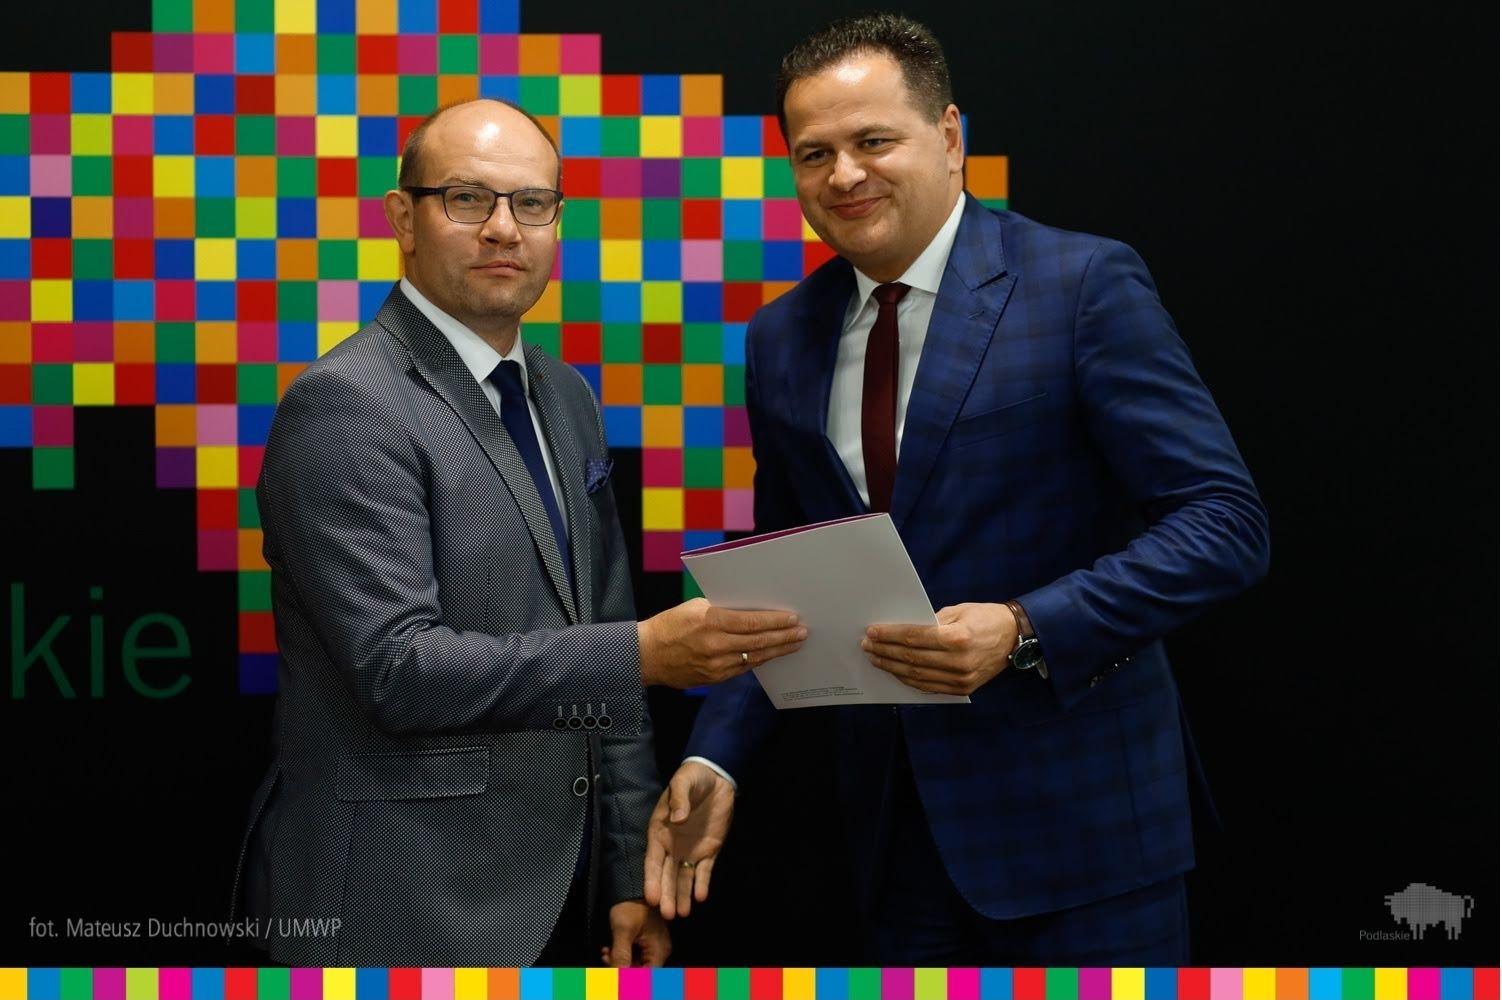 Działalność Podlaskiej Rady Działalności Pożytku Publicznego IV kadencji rozpoczęta